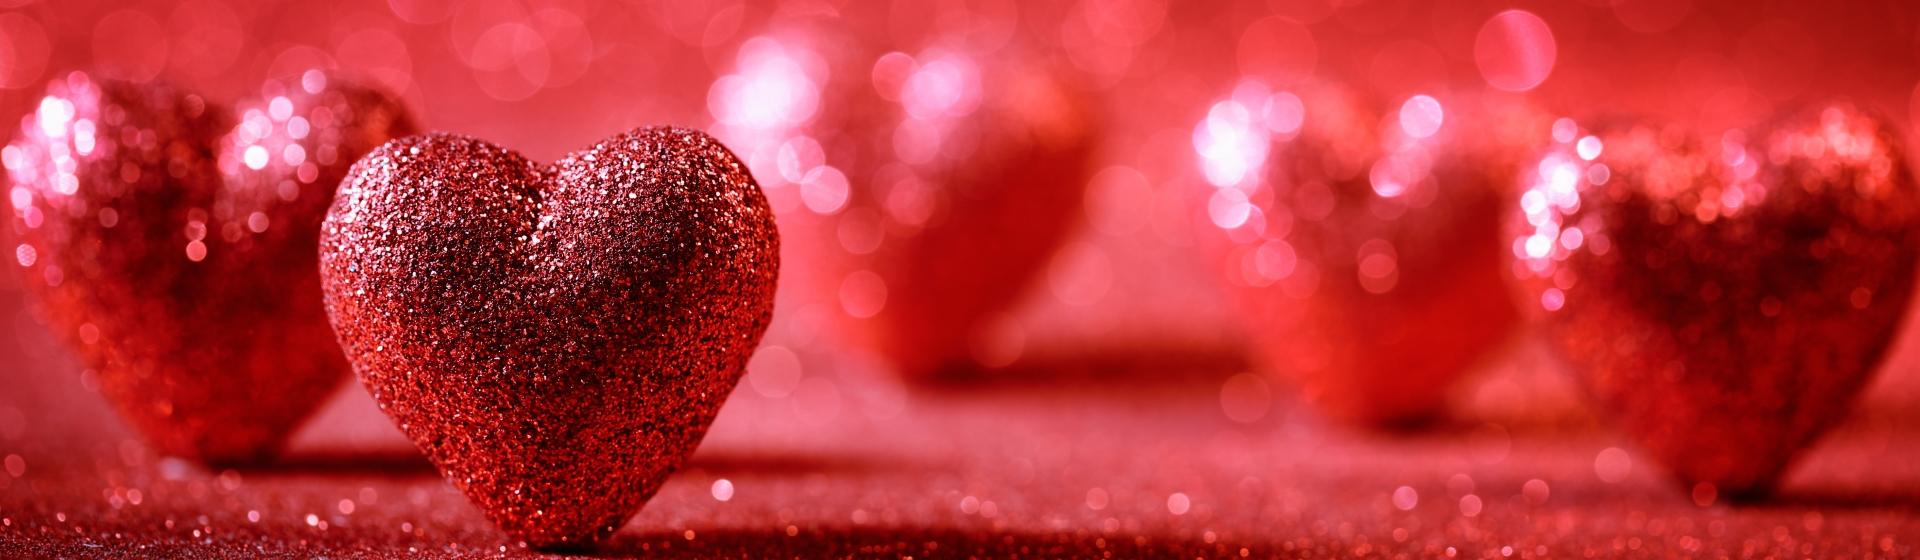 Pretty decorative hearts